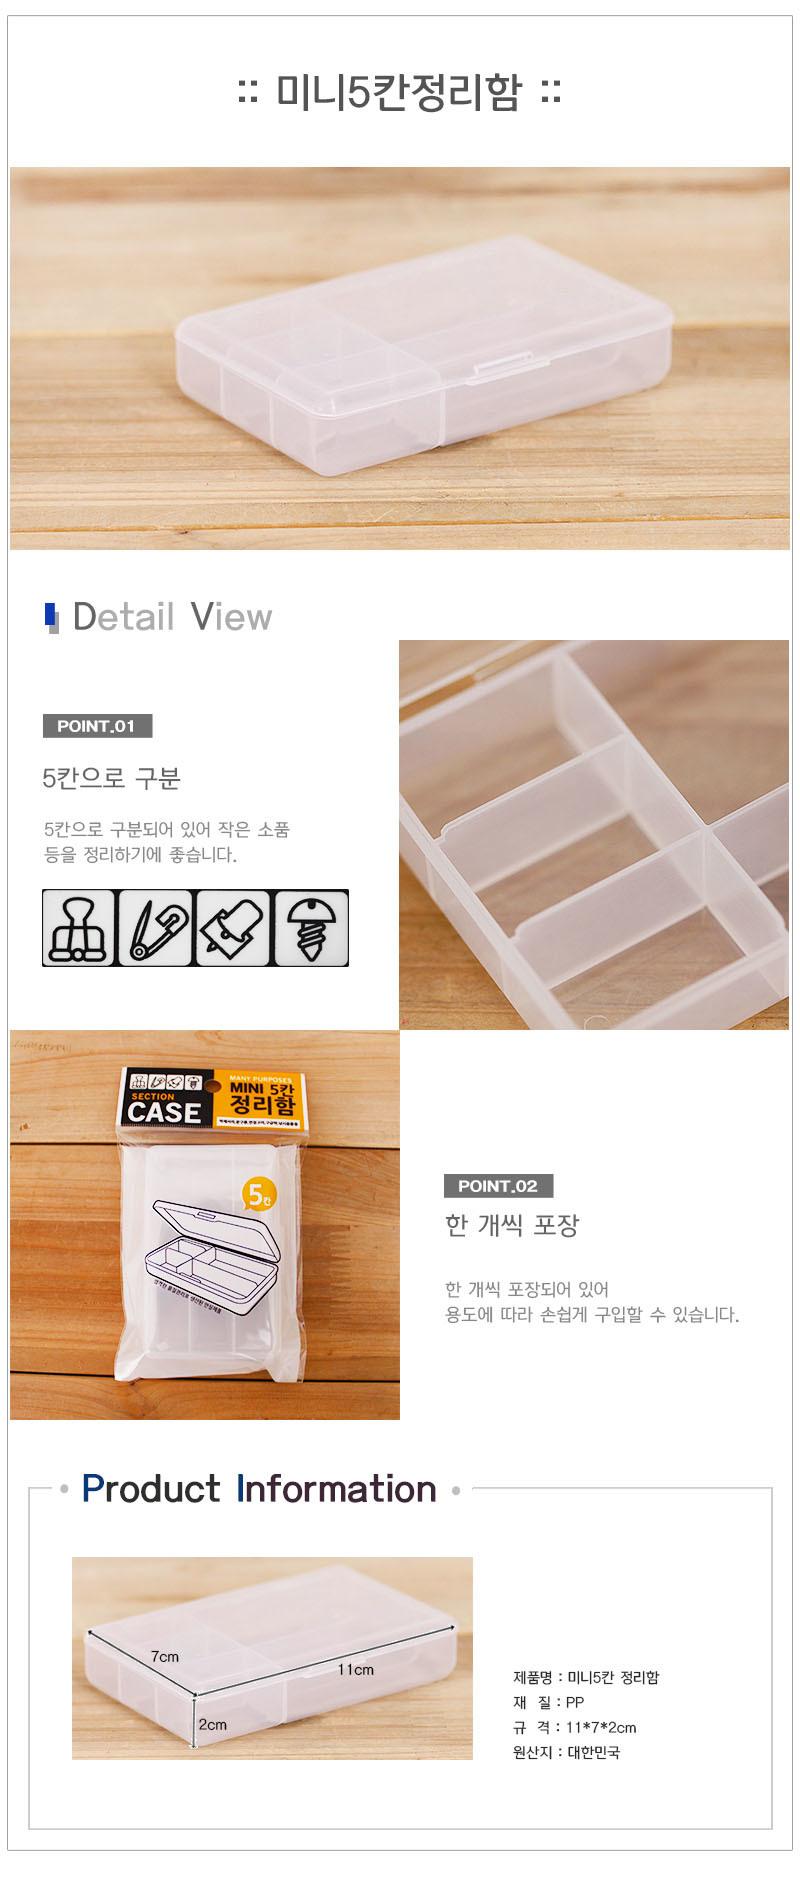 미니 5칸 정리함 (ZI2) - 엔소엔, 1,200원, 정리/리빙박스, 플라스틱 리빙박스